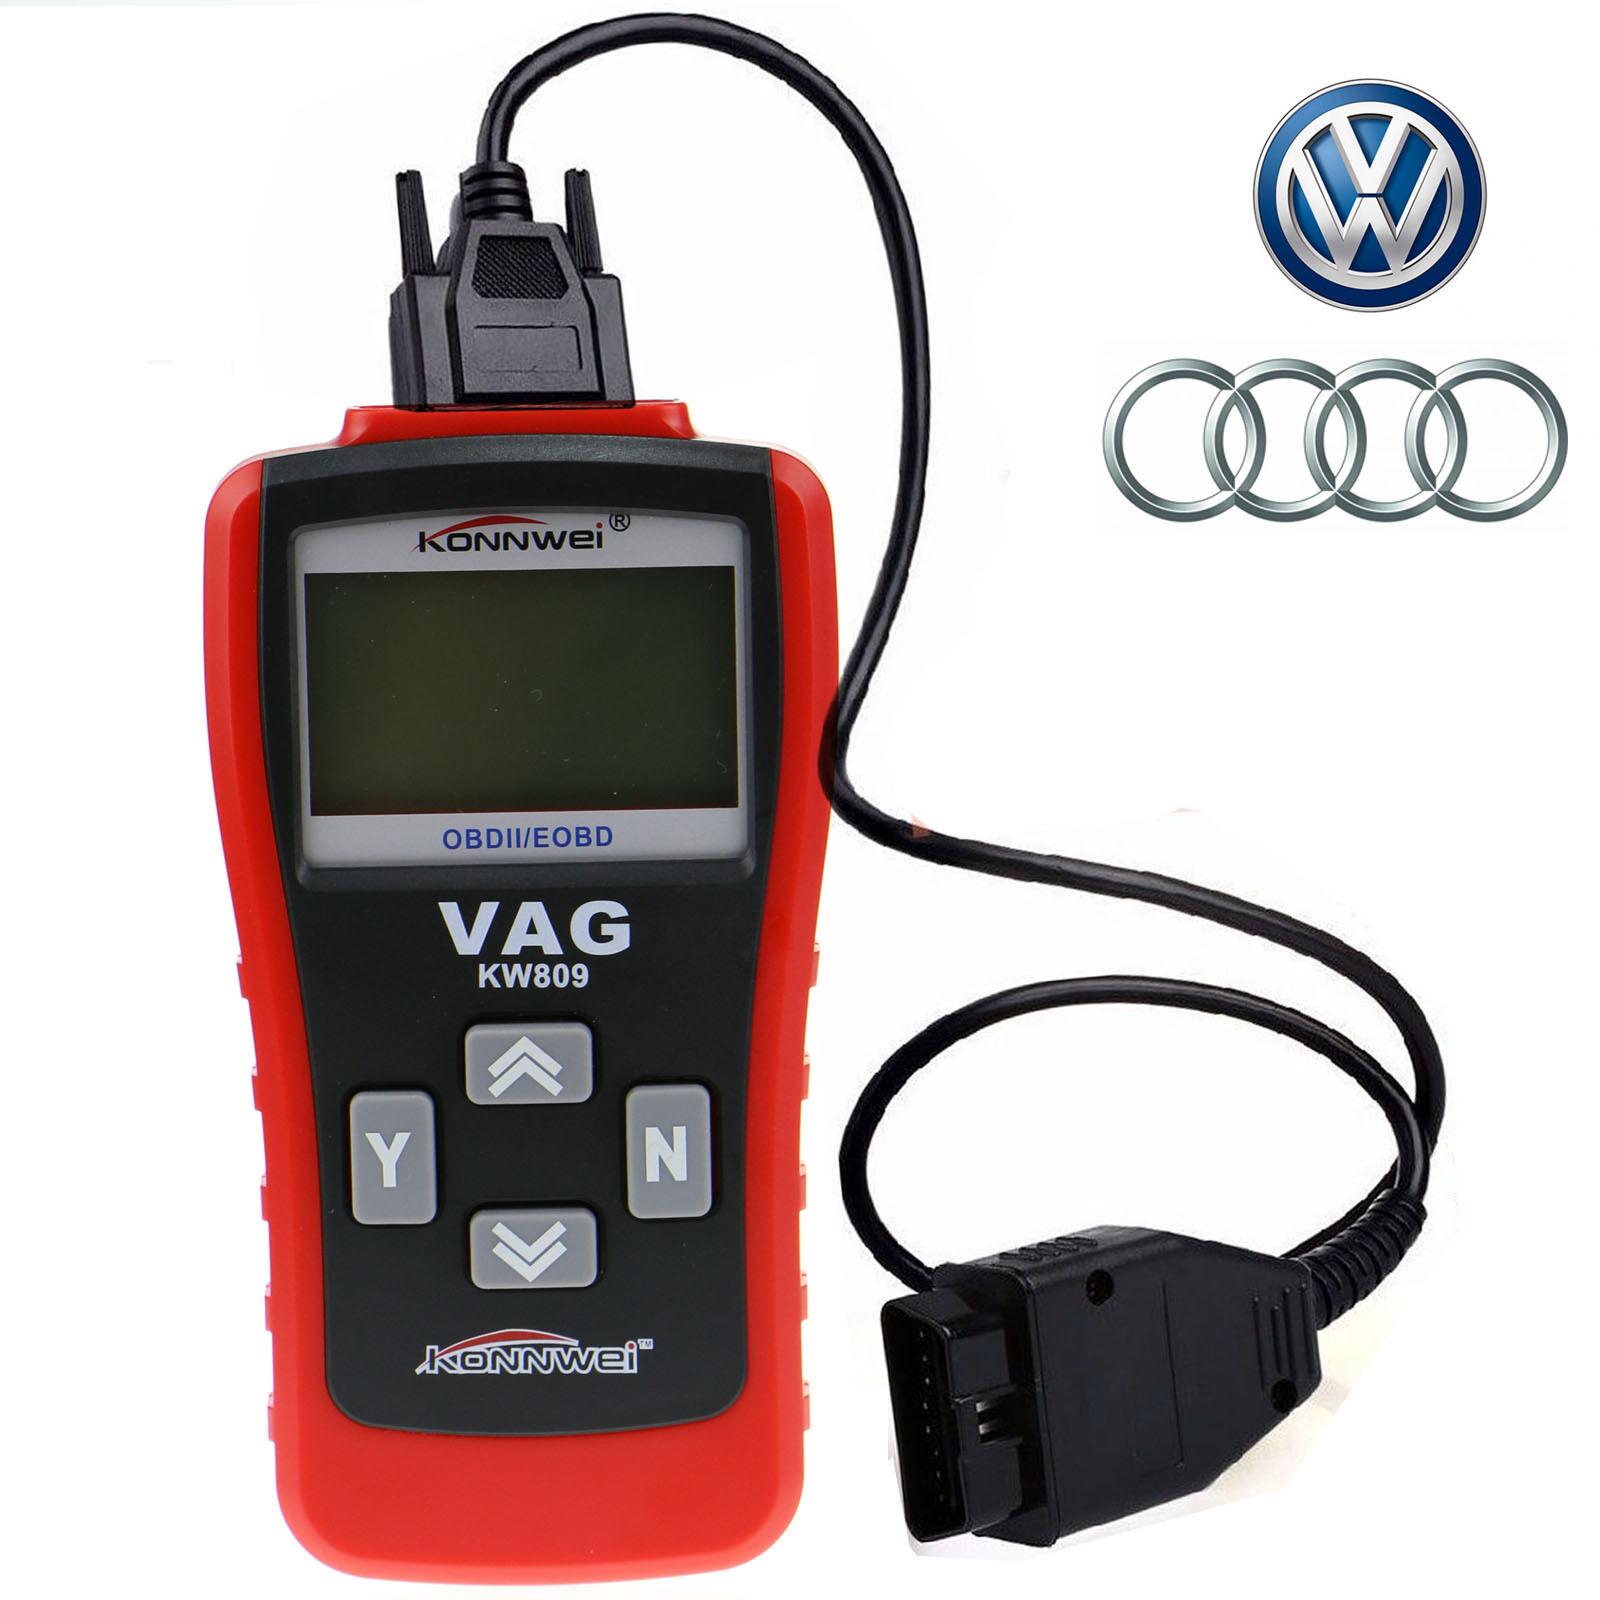 Eeeekit Car Code Reader Scanner Scan Tool Vag405 Kw809 Obd